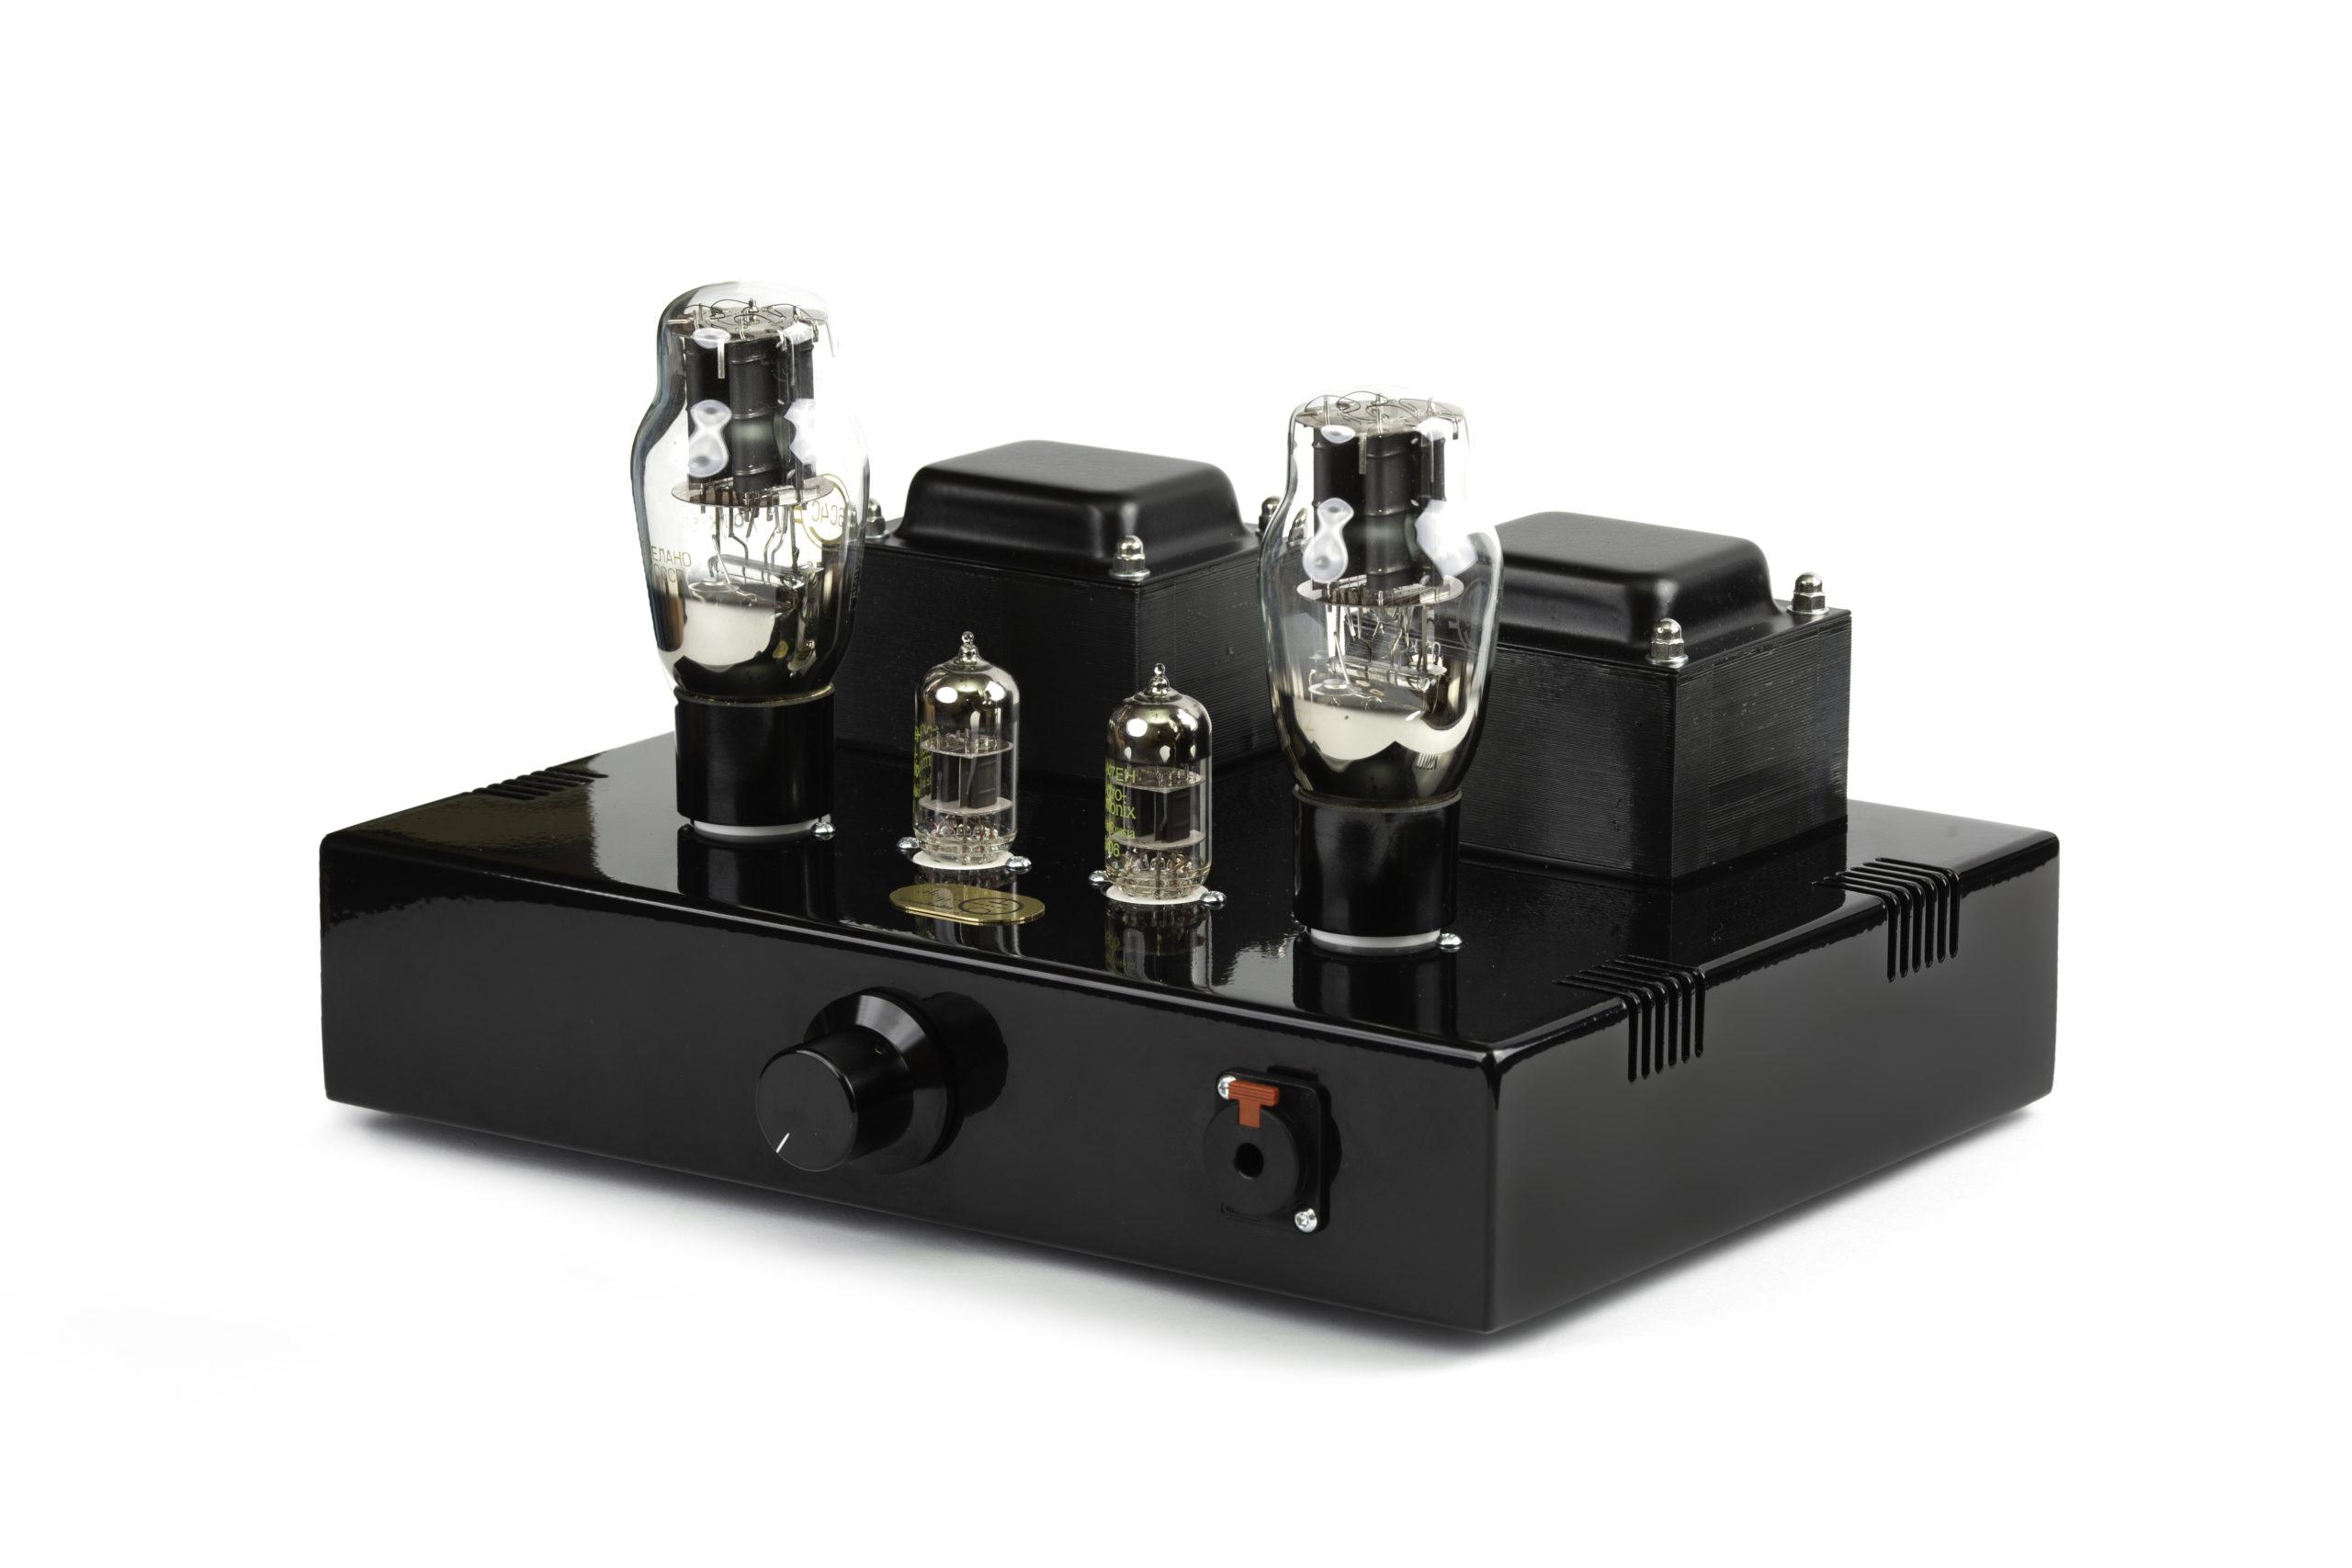 Wzmacniacz słuchawkowy DualMono OTL 6C4C